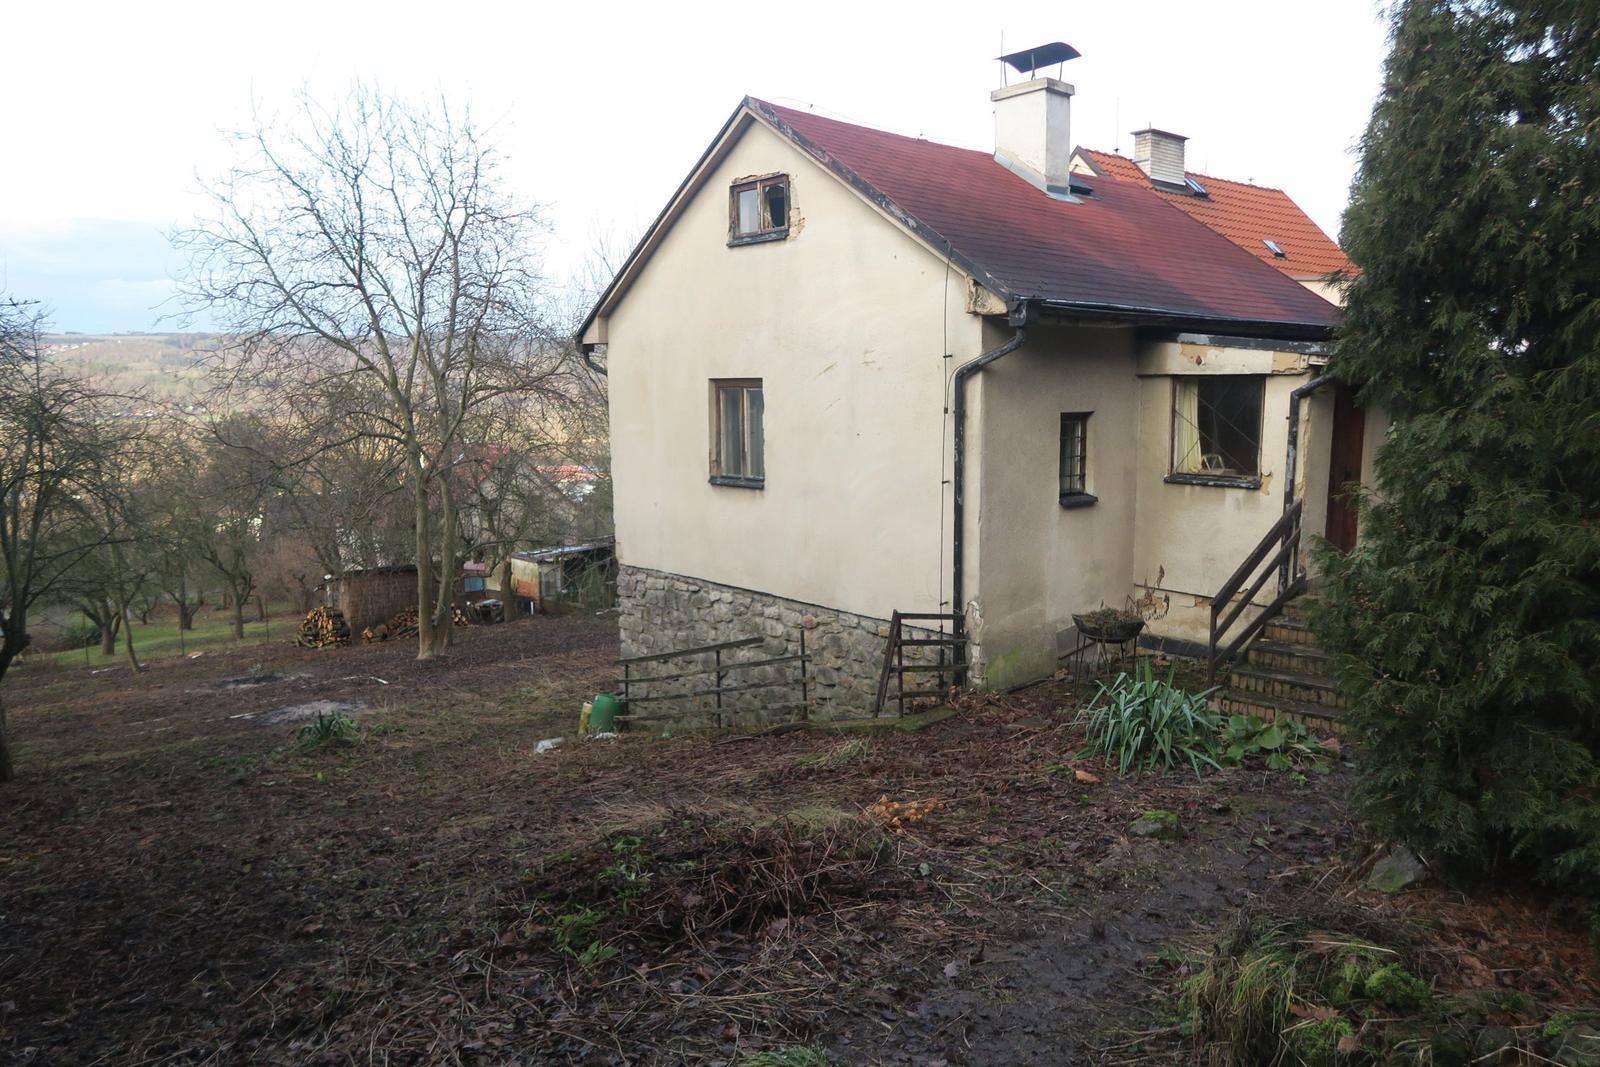 Stavba našeho bungalovu ve svahu - Po vysekání křovin konečně vidíme, co jsme si pořídili :-)